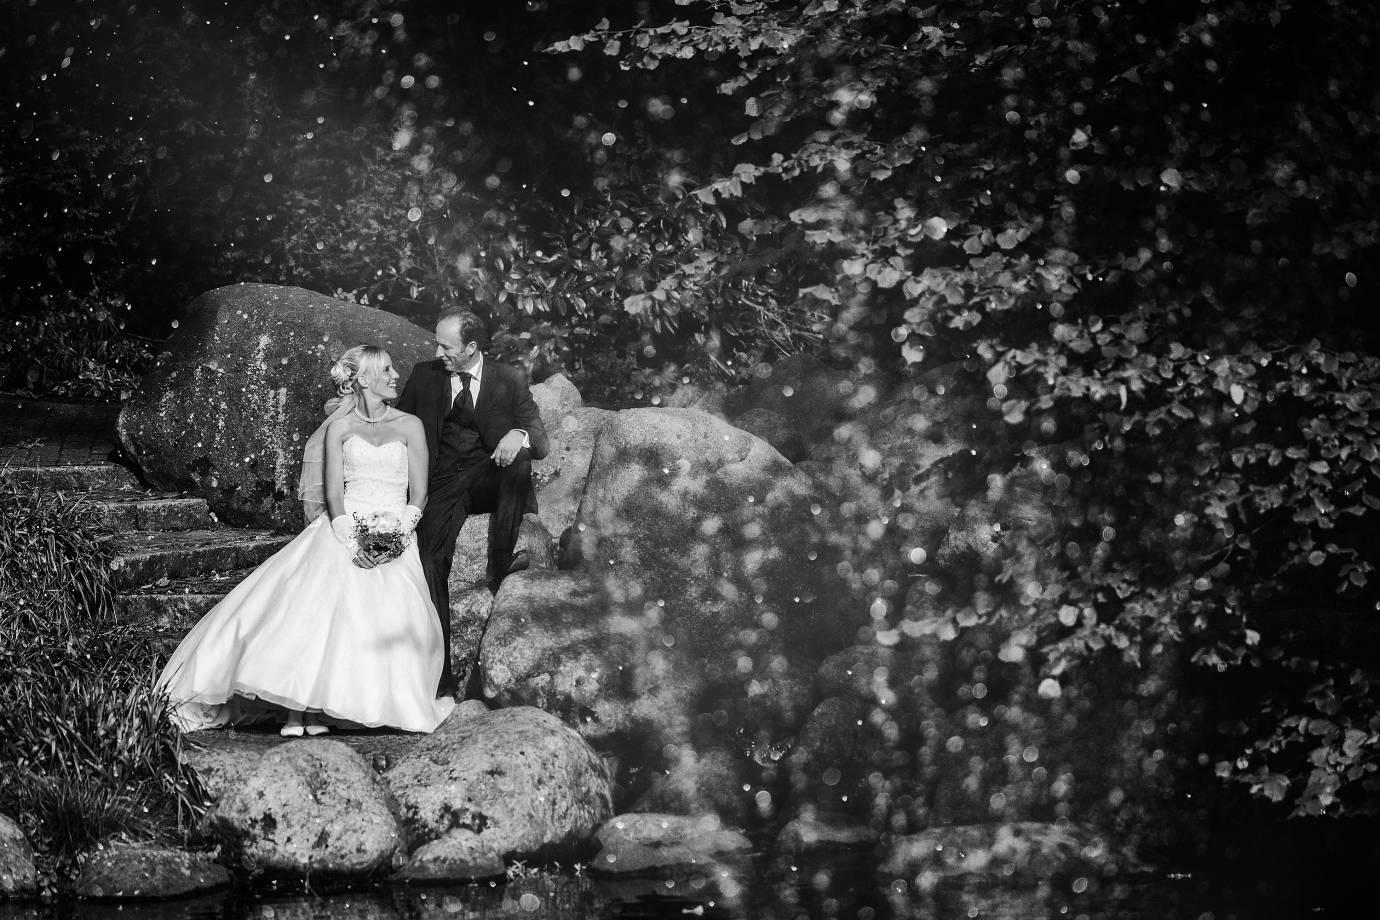 hochzeitsfotograf kirchseelte 108 - Sabrina+Lars